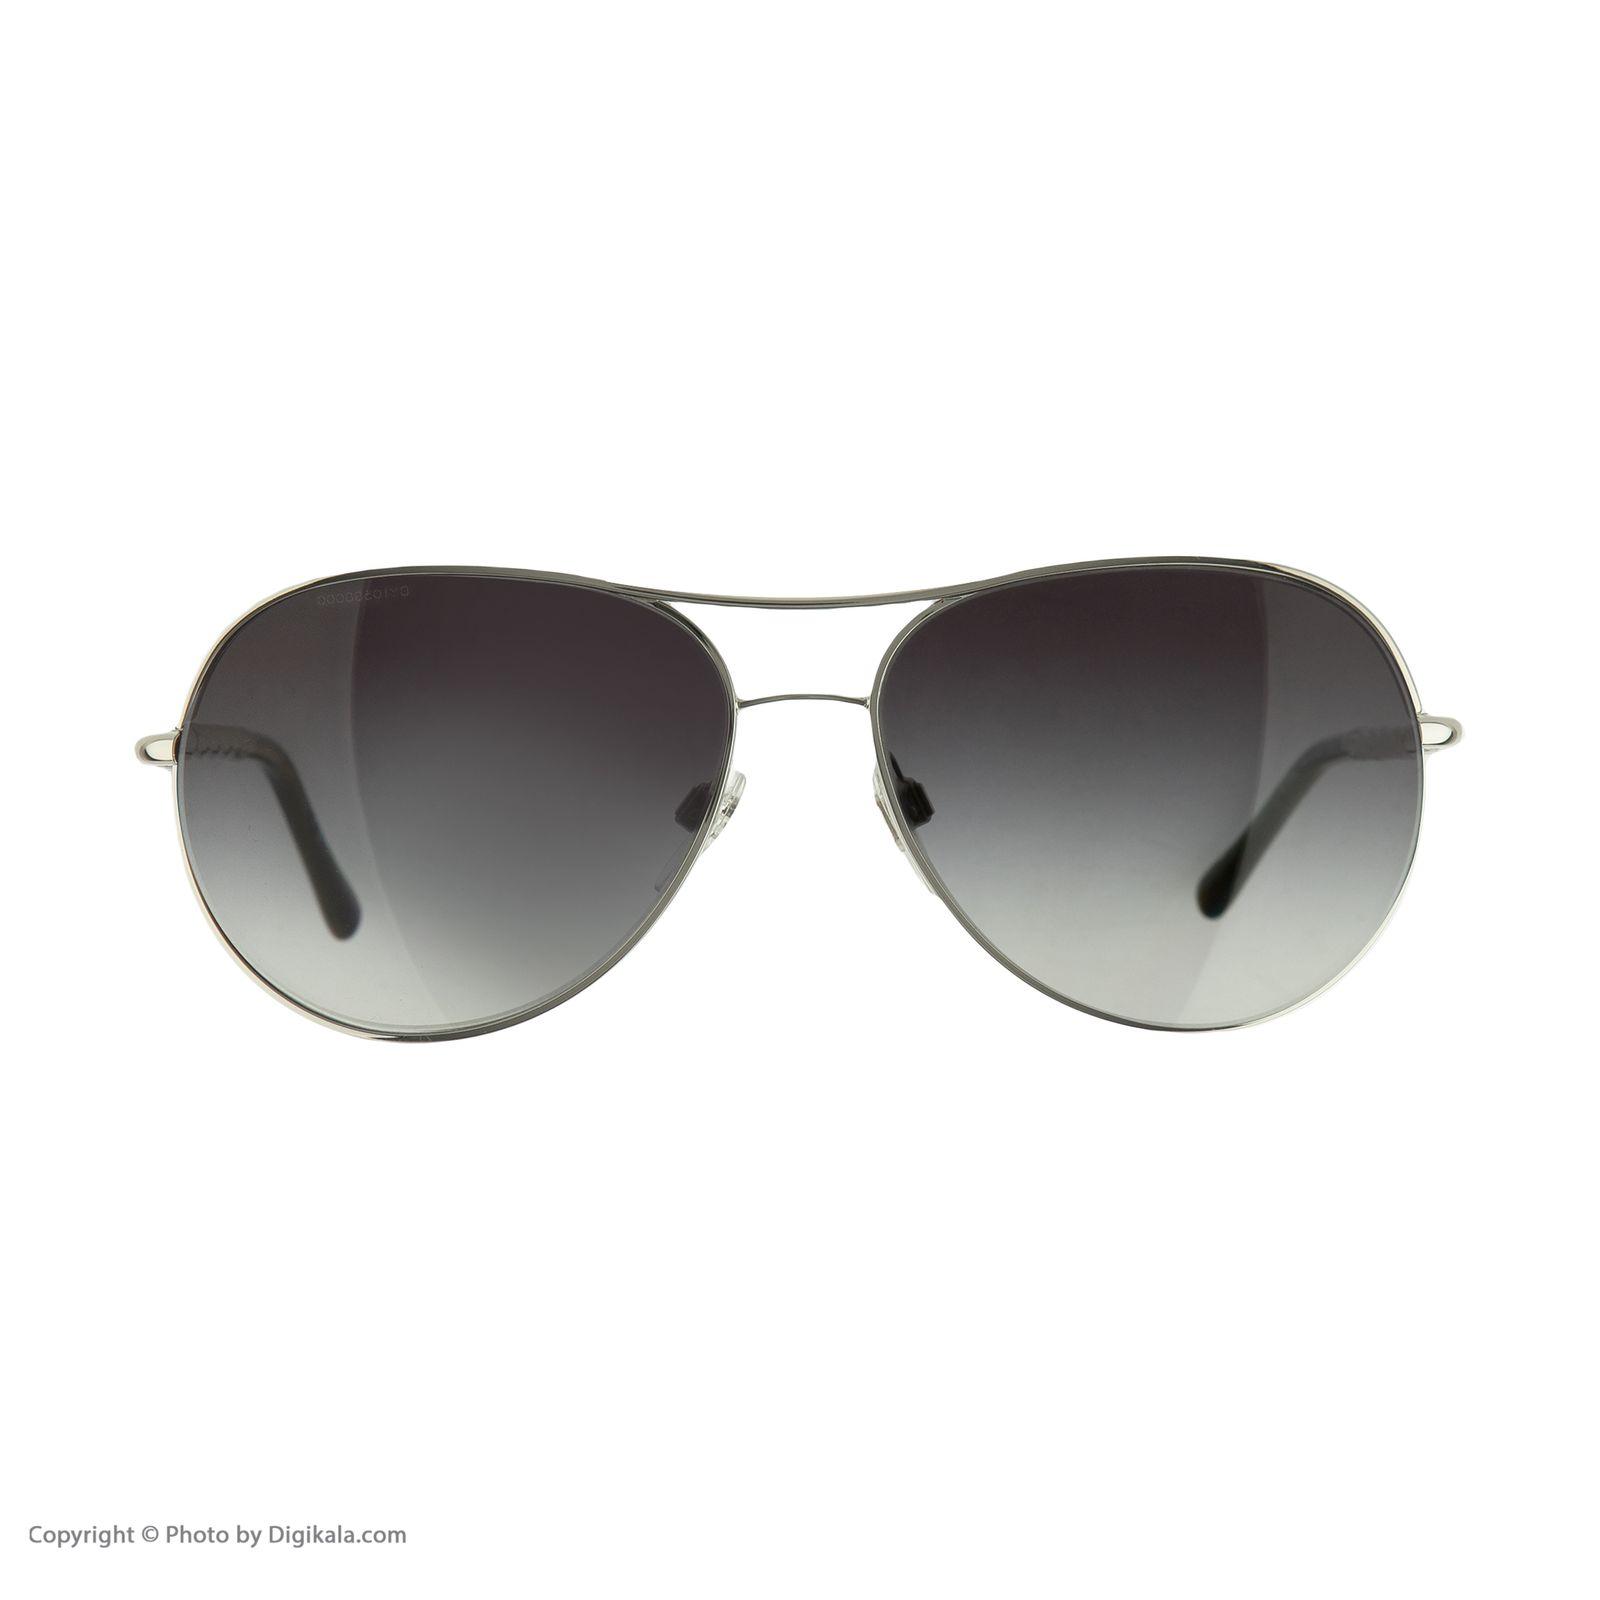 عینک آفتابی زنانه بربری مدل BE 3082S 10058G 57 -  - 3